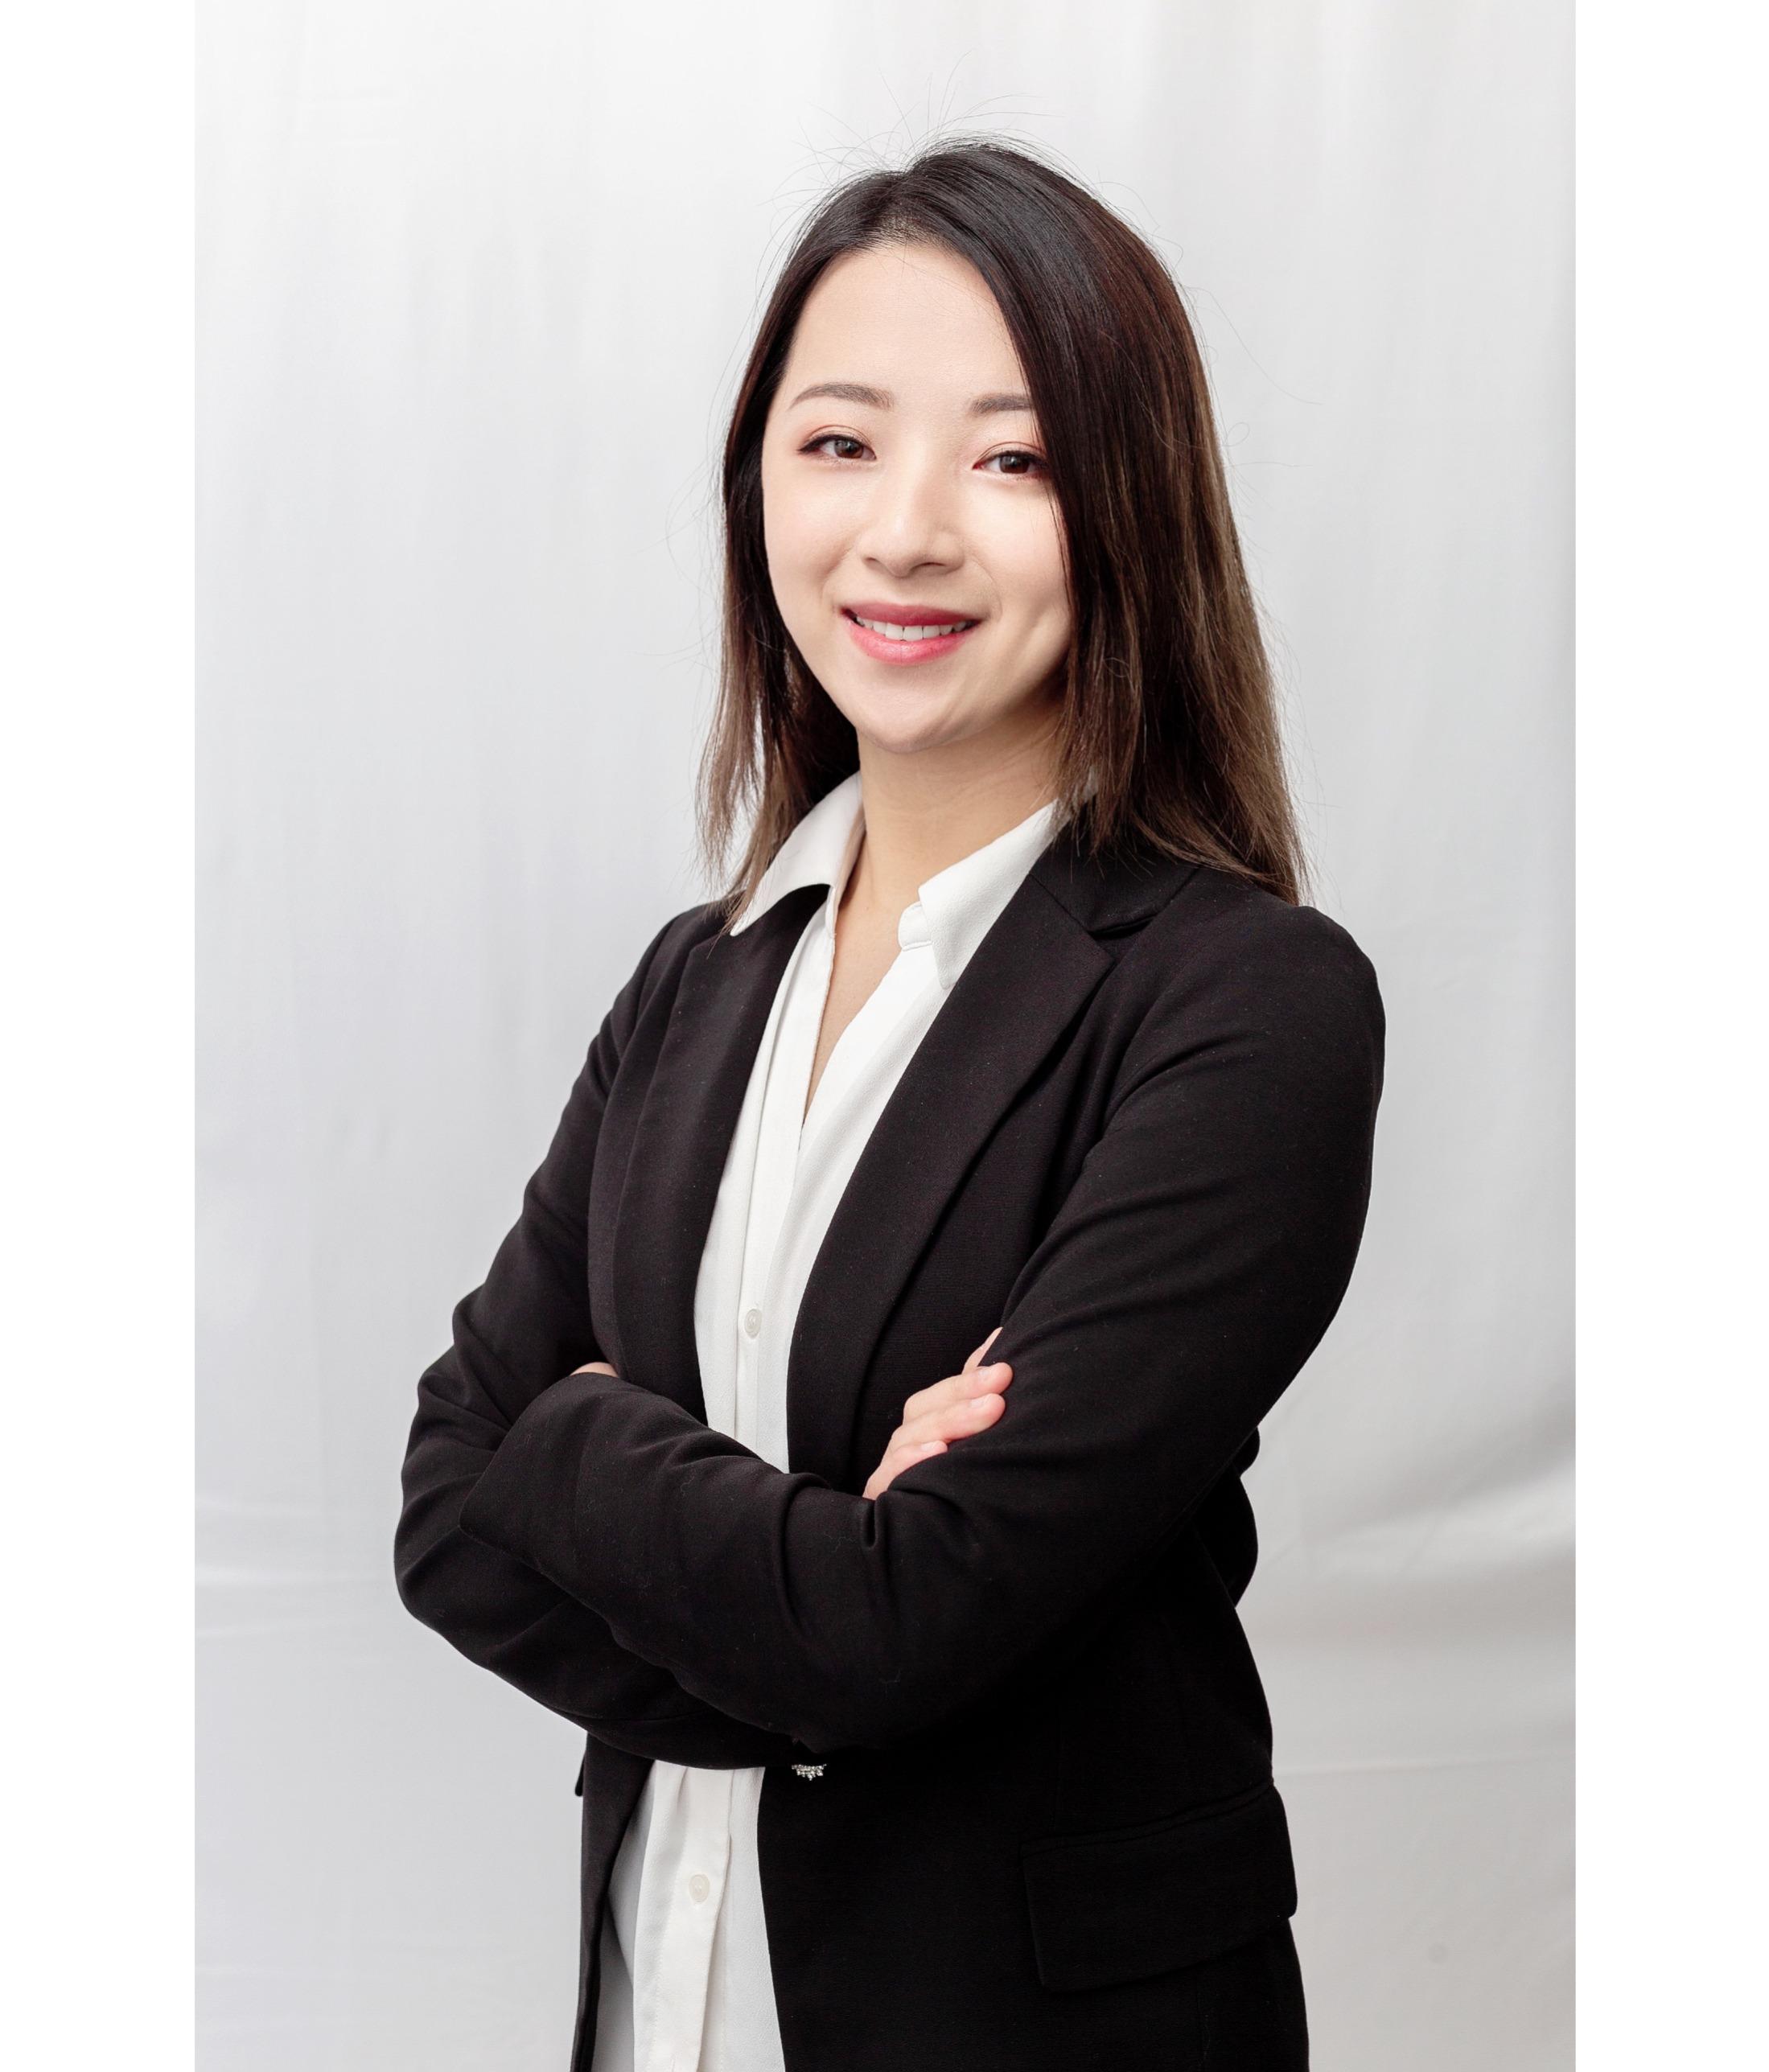 Ya Qiong Li